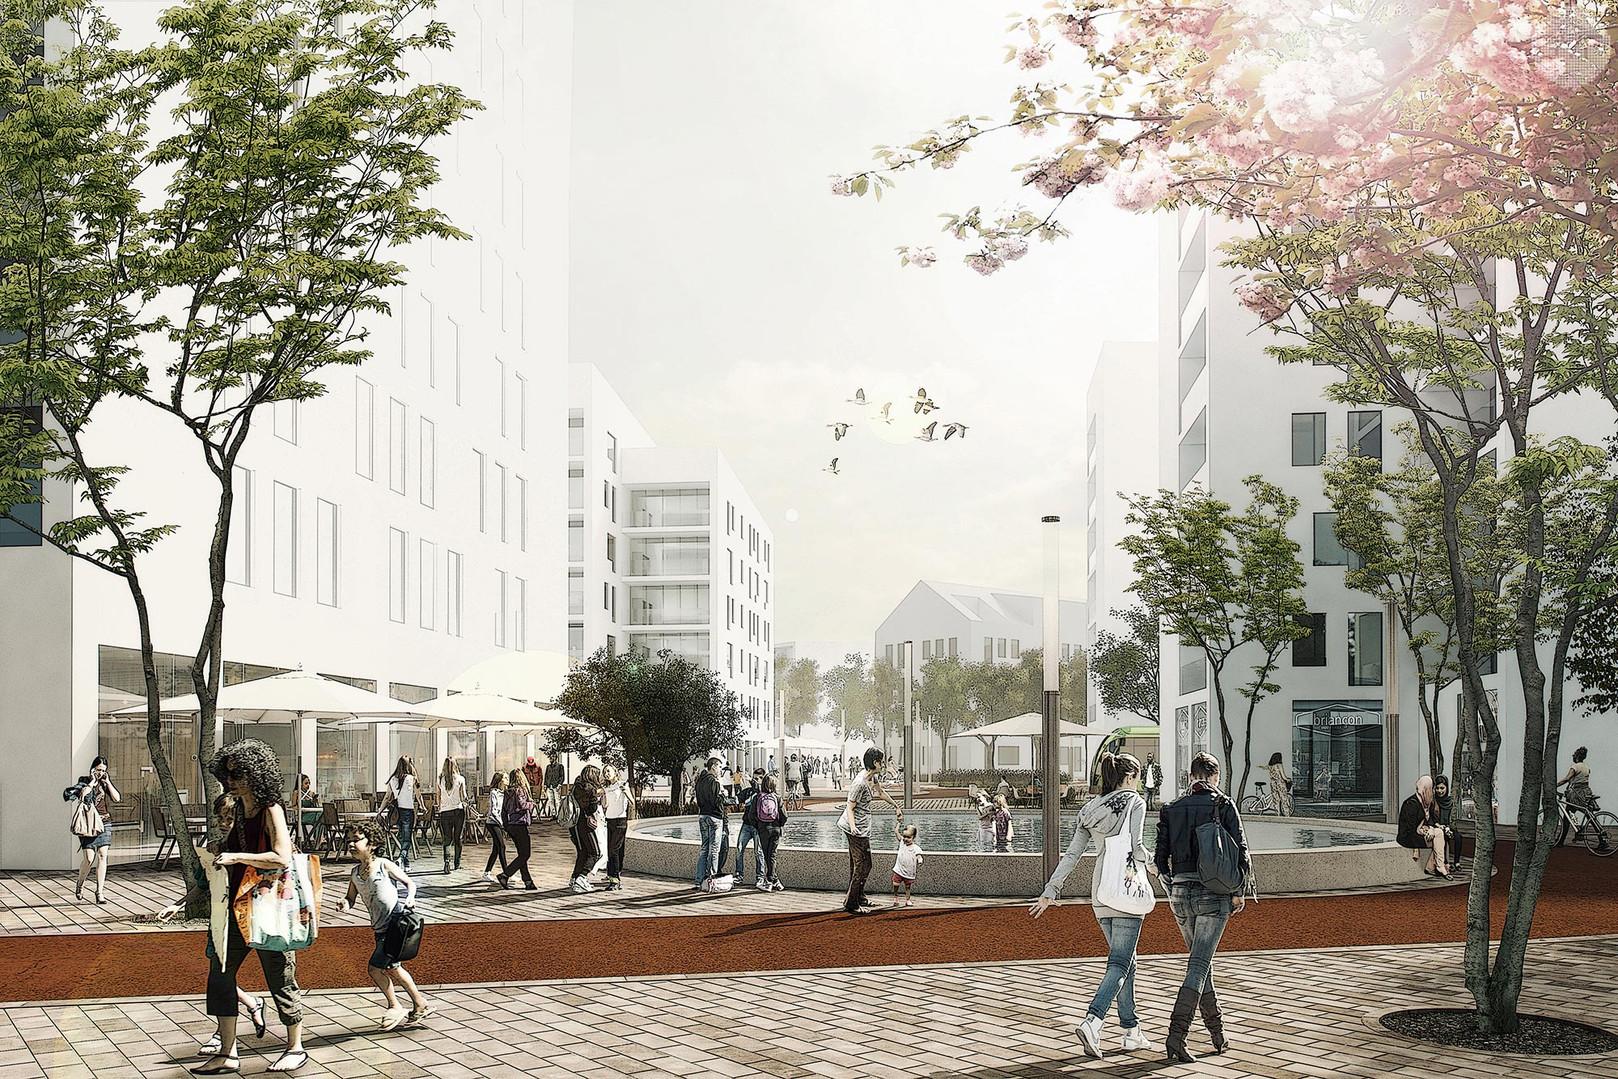 New Neighborhood Bäckby